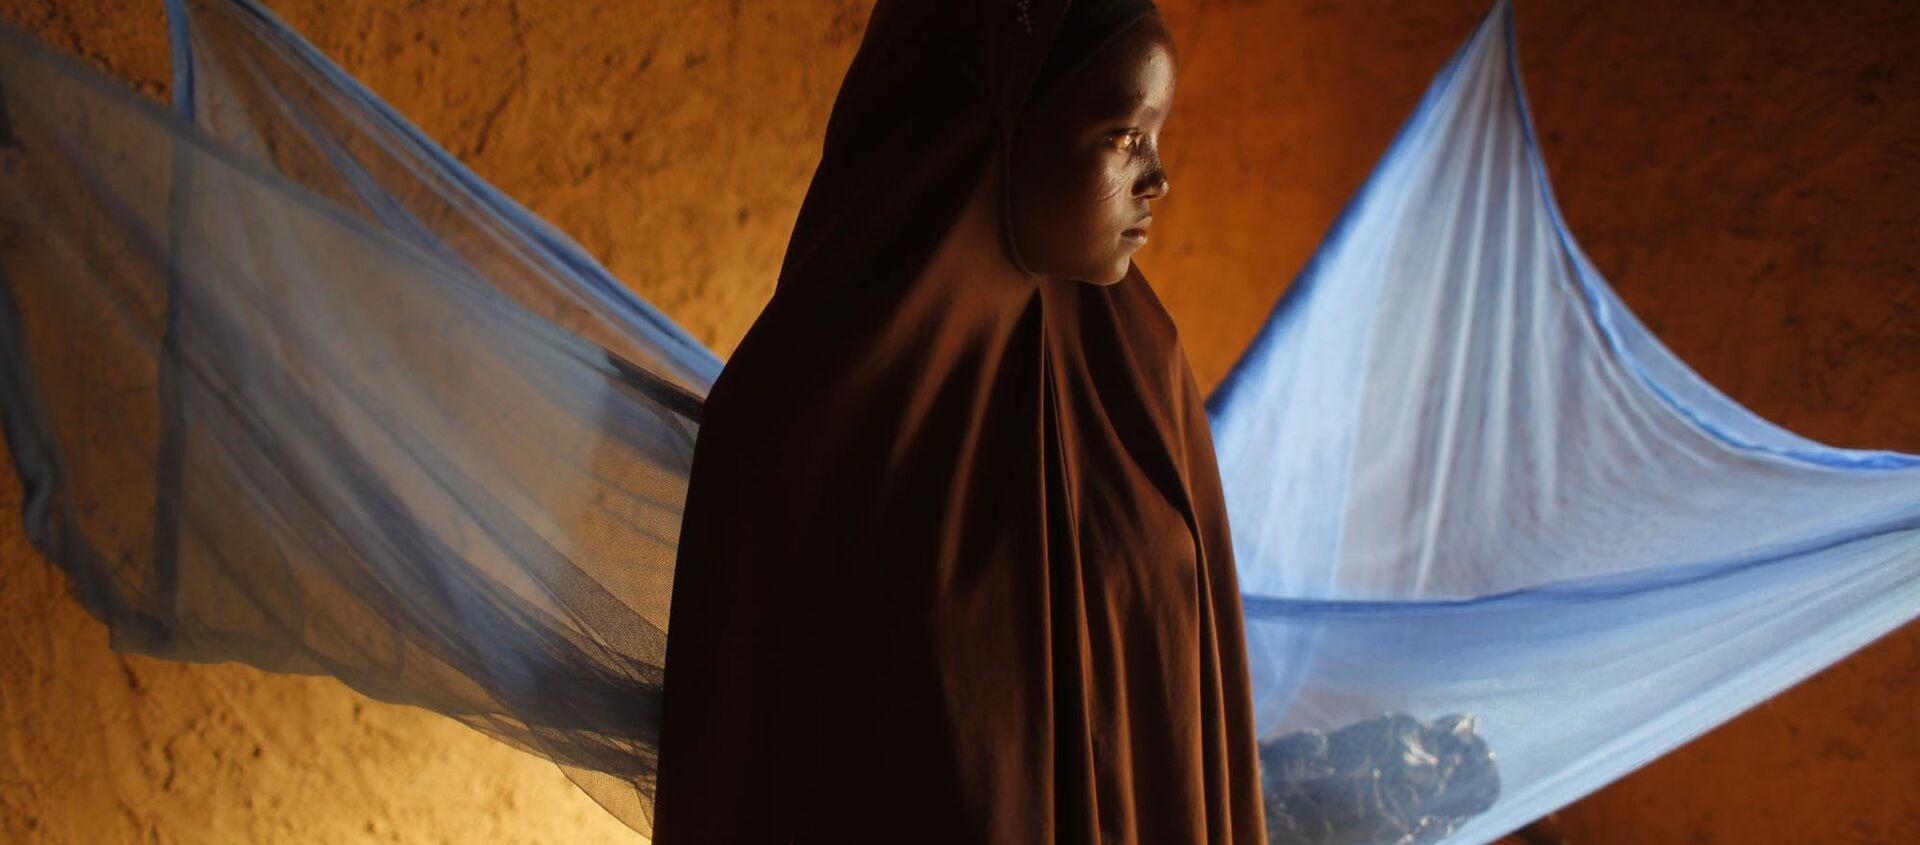 Cô bé 12 tuổi đến từ Niger, kết hôn sớm. - Sputnik Việt Nam, 1920, 03.10.2020